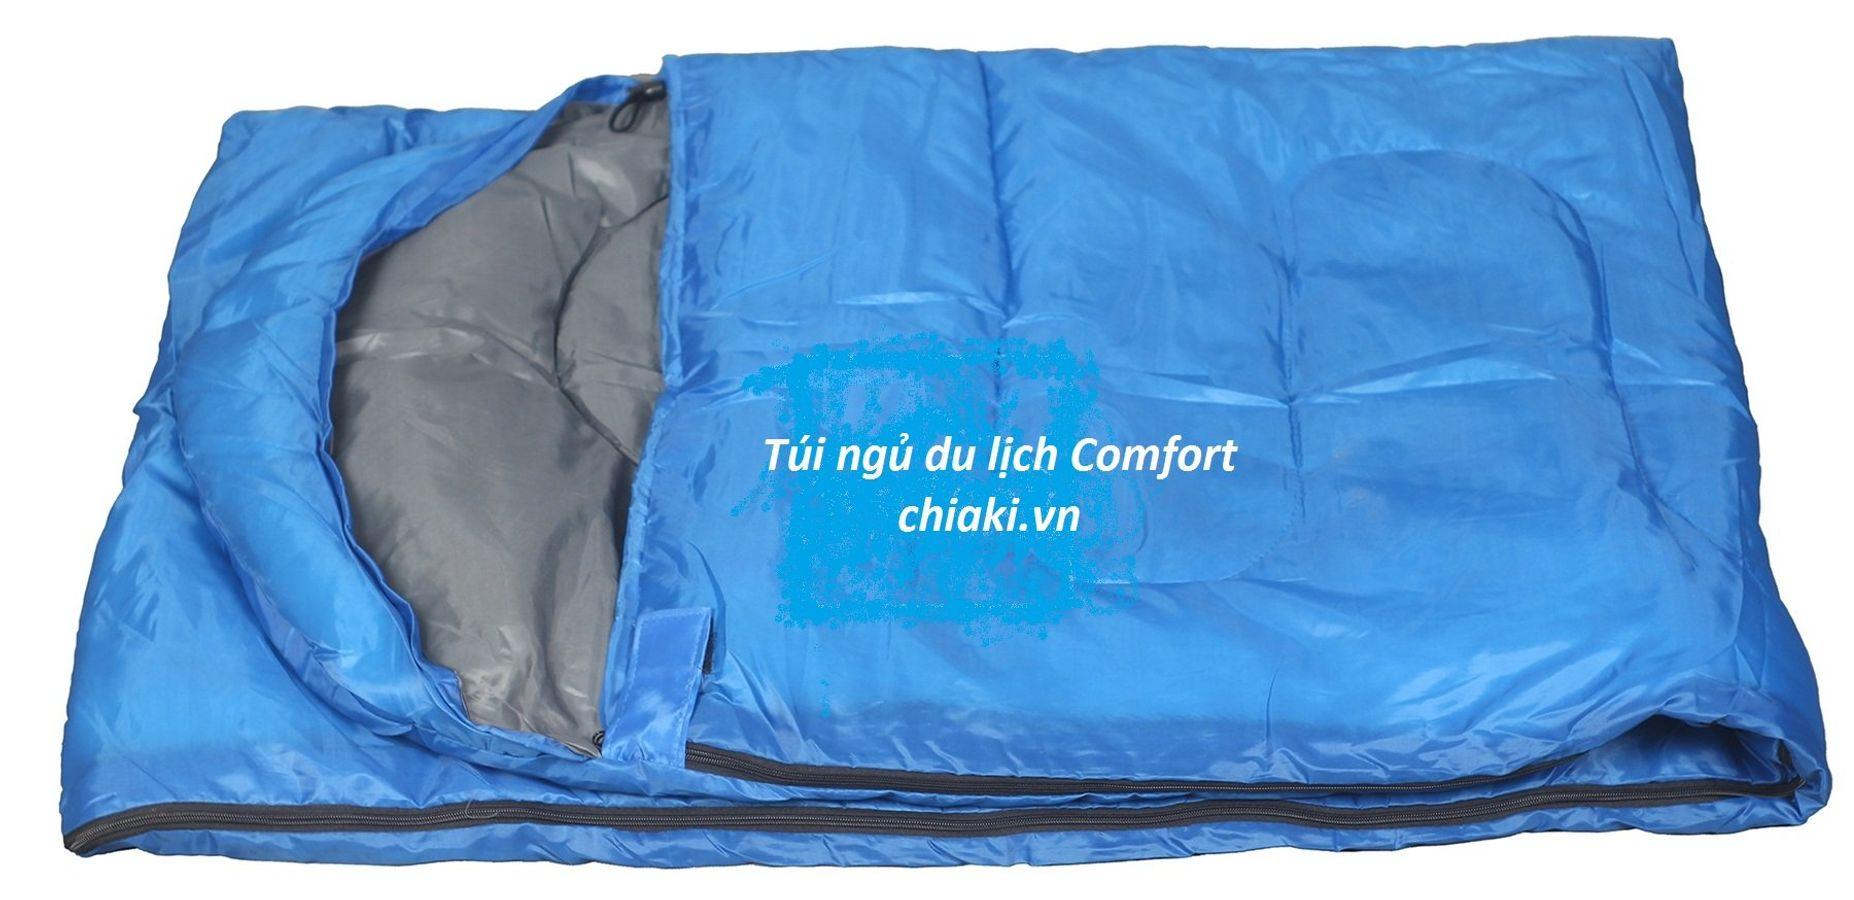 Túi Ngủ Du Lịch Comfort Tiện Dụng Cho Mỗi Chuyến Đi